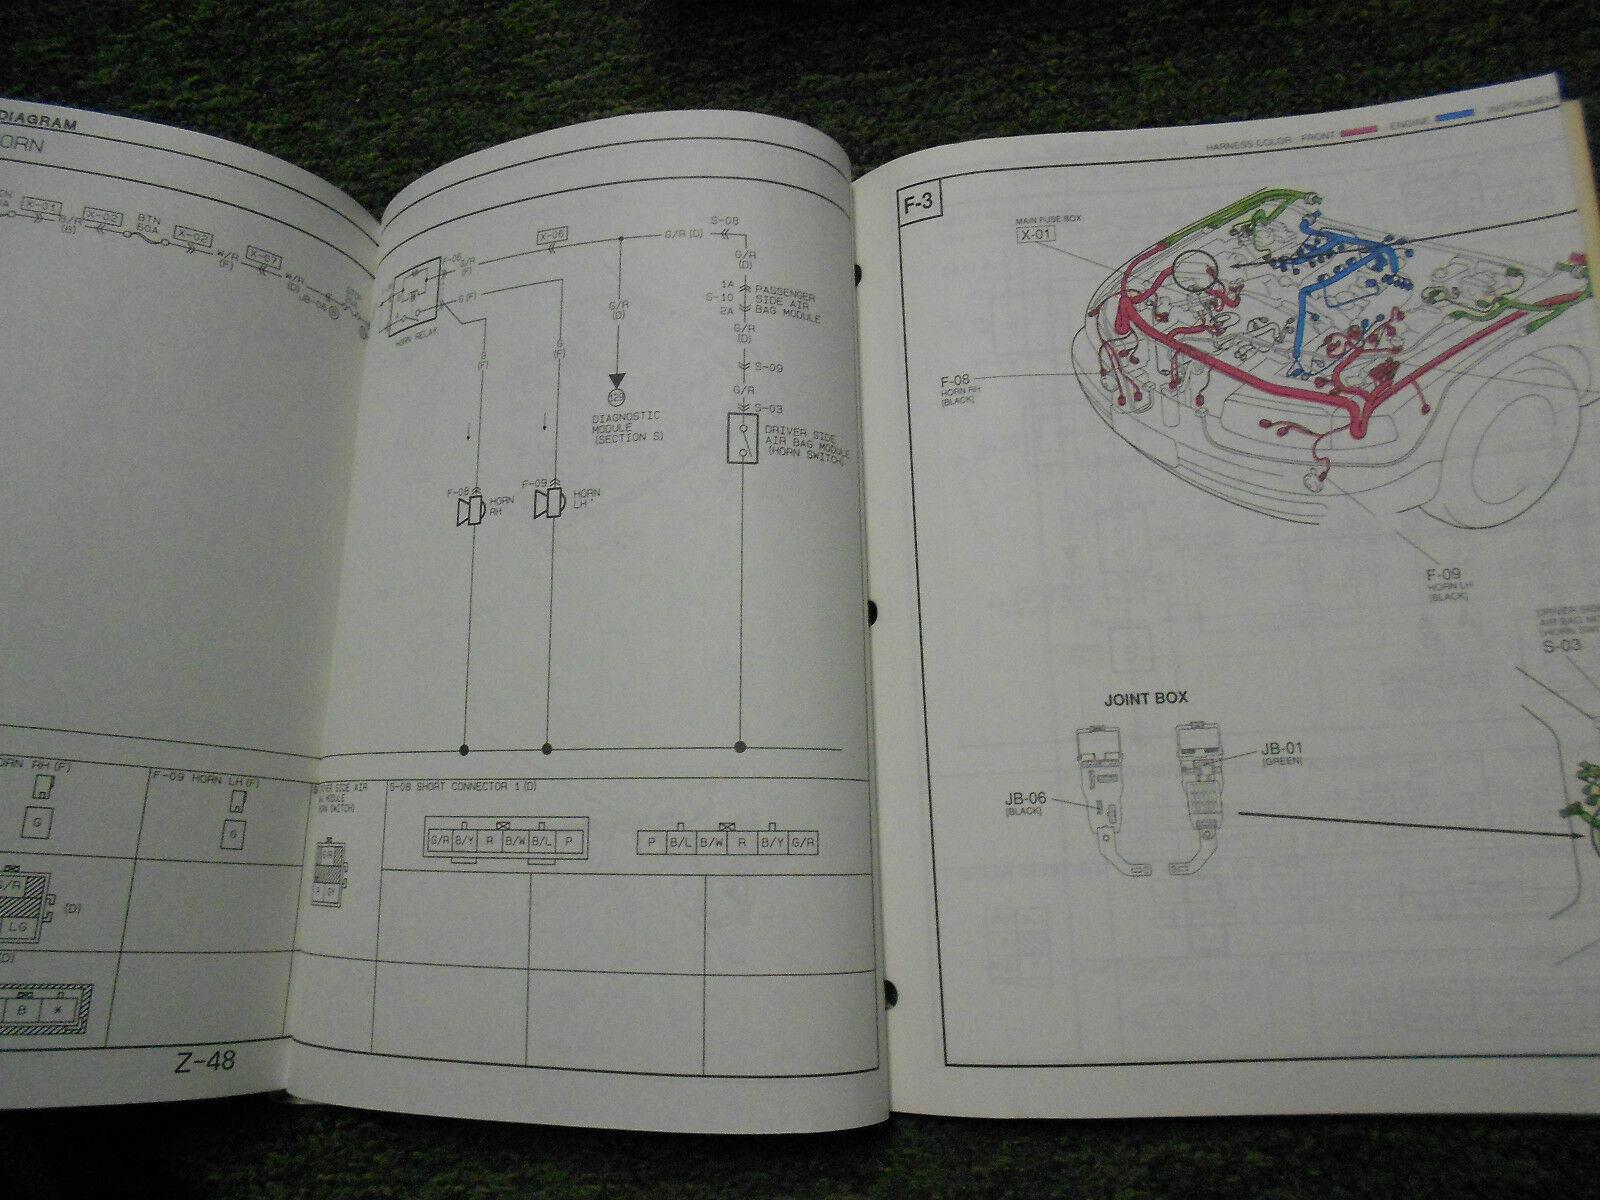 1993 Mazda 929 Elektrisch Wiring Fabrik OEM Bücher Autohaus 93